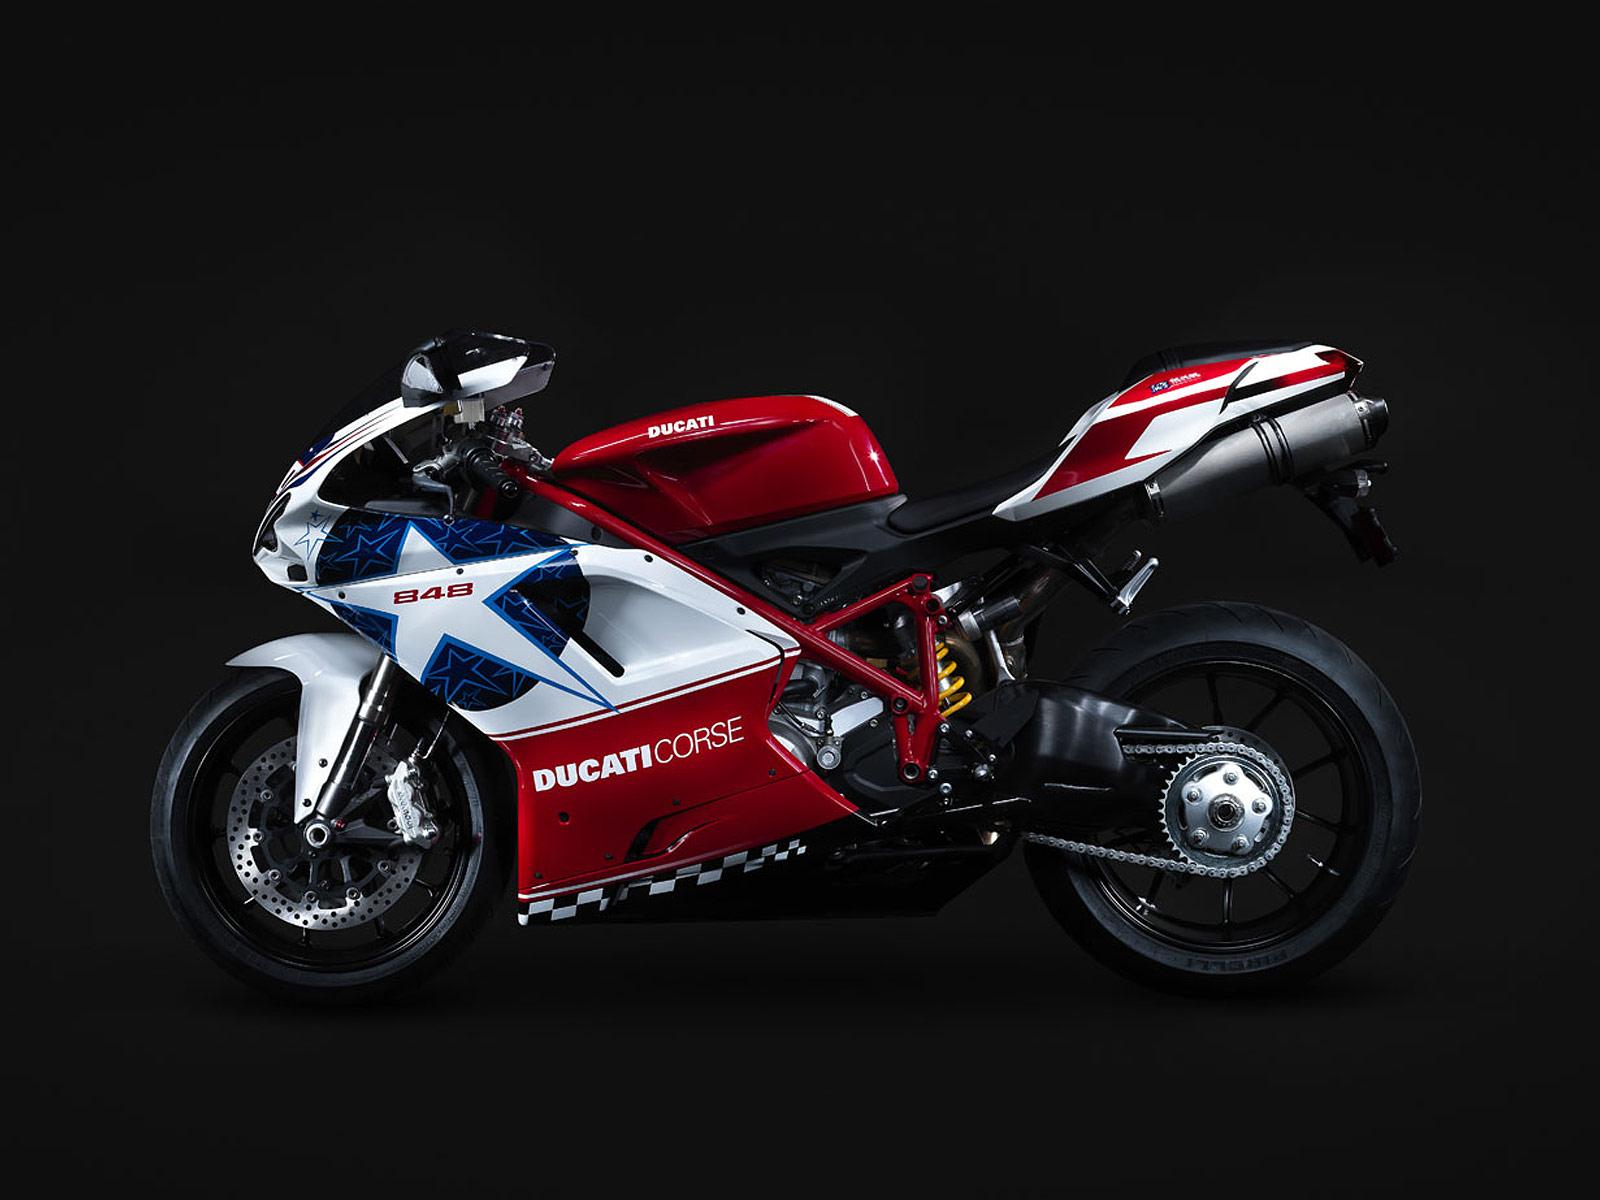 http://3.bp.blogspot.com/_ja0nvj5Jato/S6oDrzszGiI/AAAAAAAAFhw/D-84jbsWH6I/s1600/Ducati-848-NickyHayden-Edition_2010_1.jpg